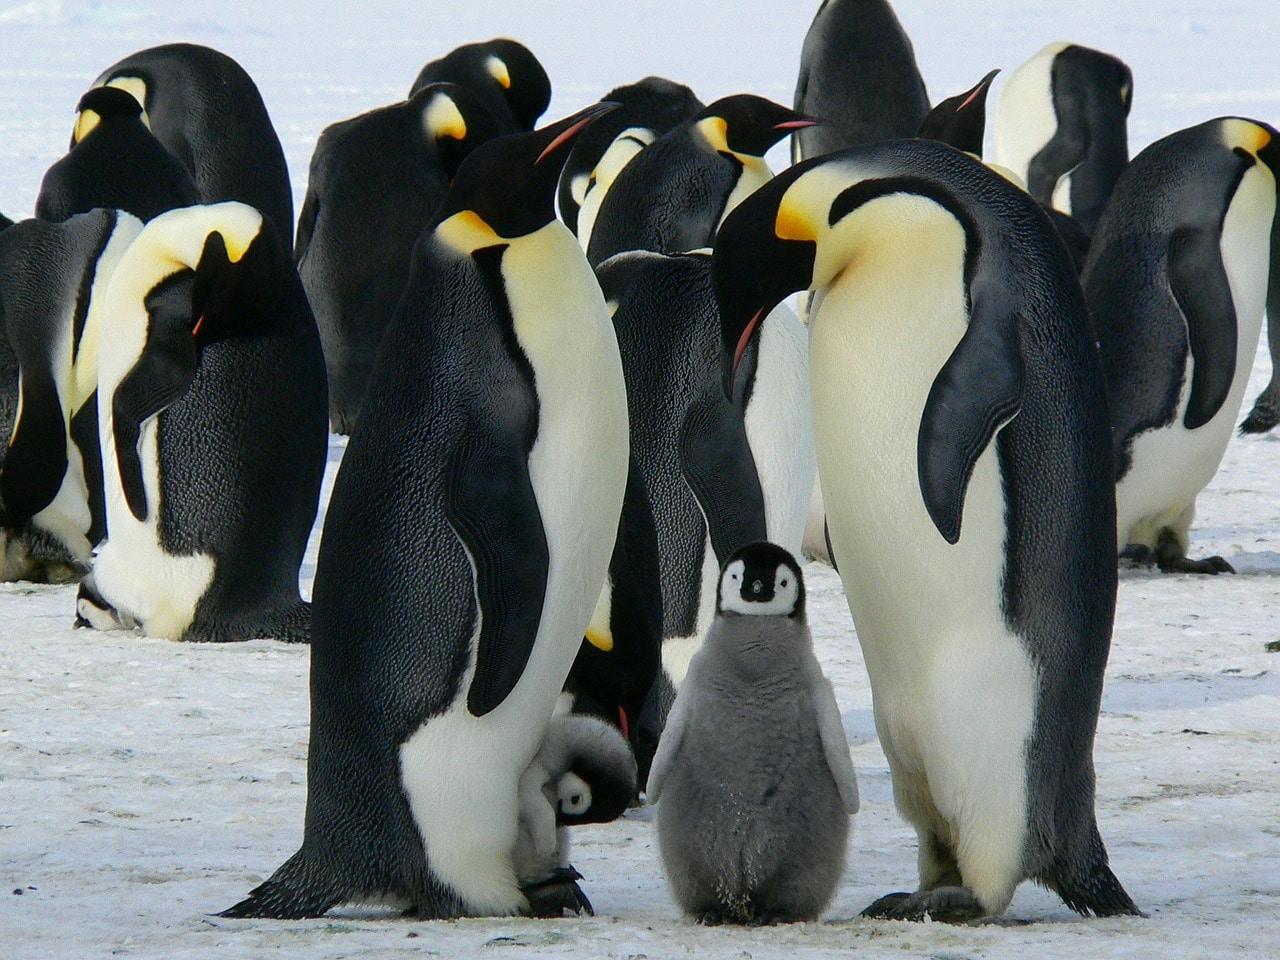 Il selfie dei pinguini diventato virale